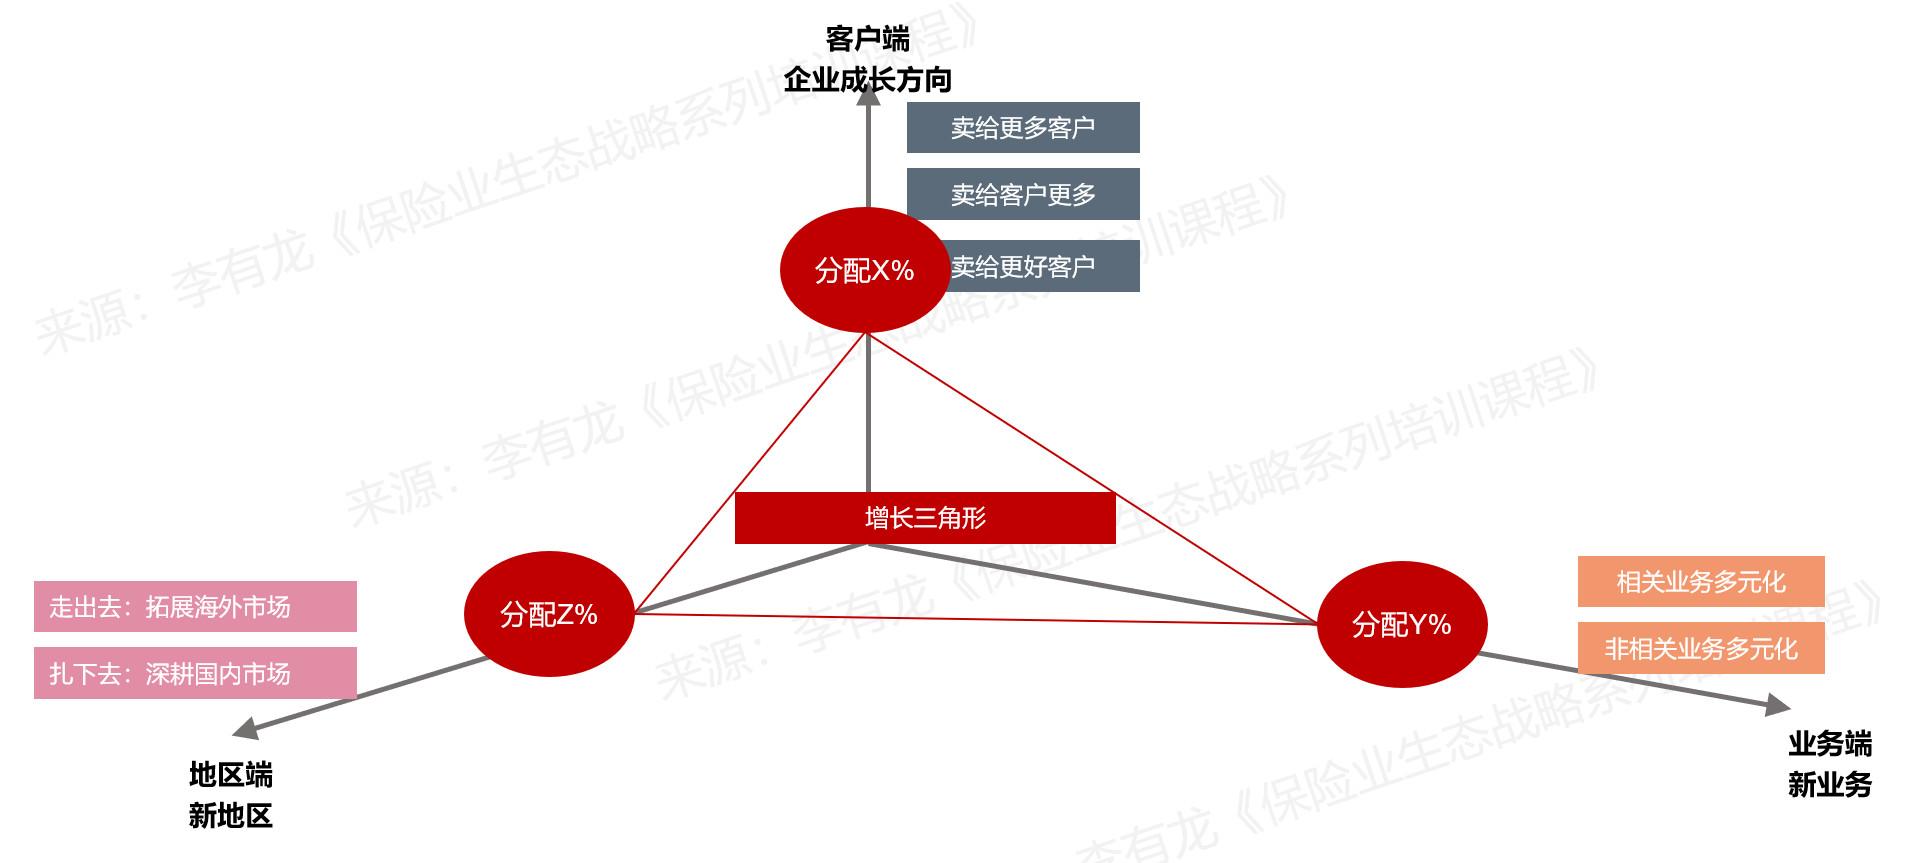 图06:业务增长三角形来源:李有龙《保险业生态战略系列培训课程》